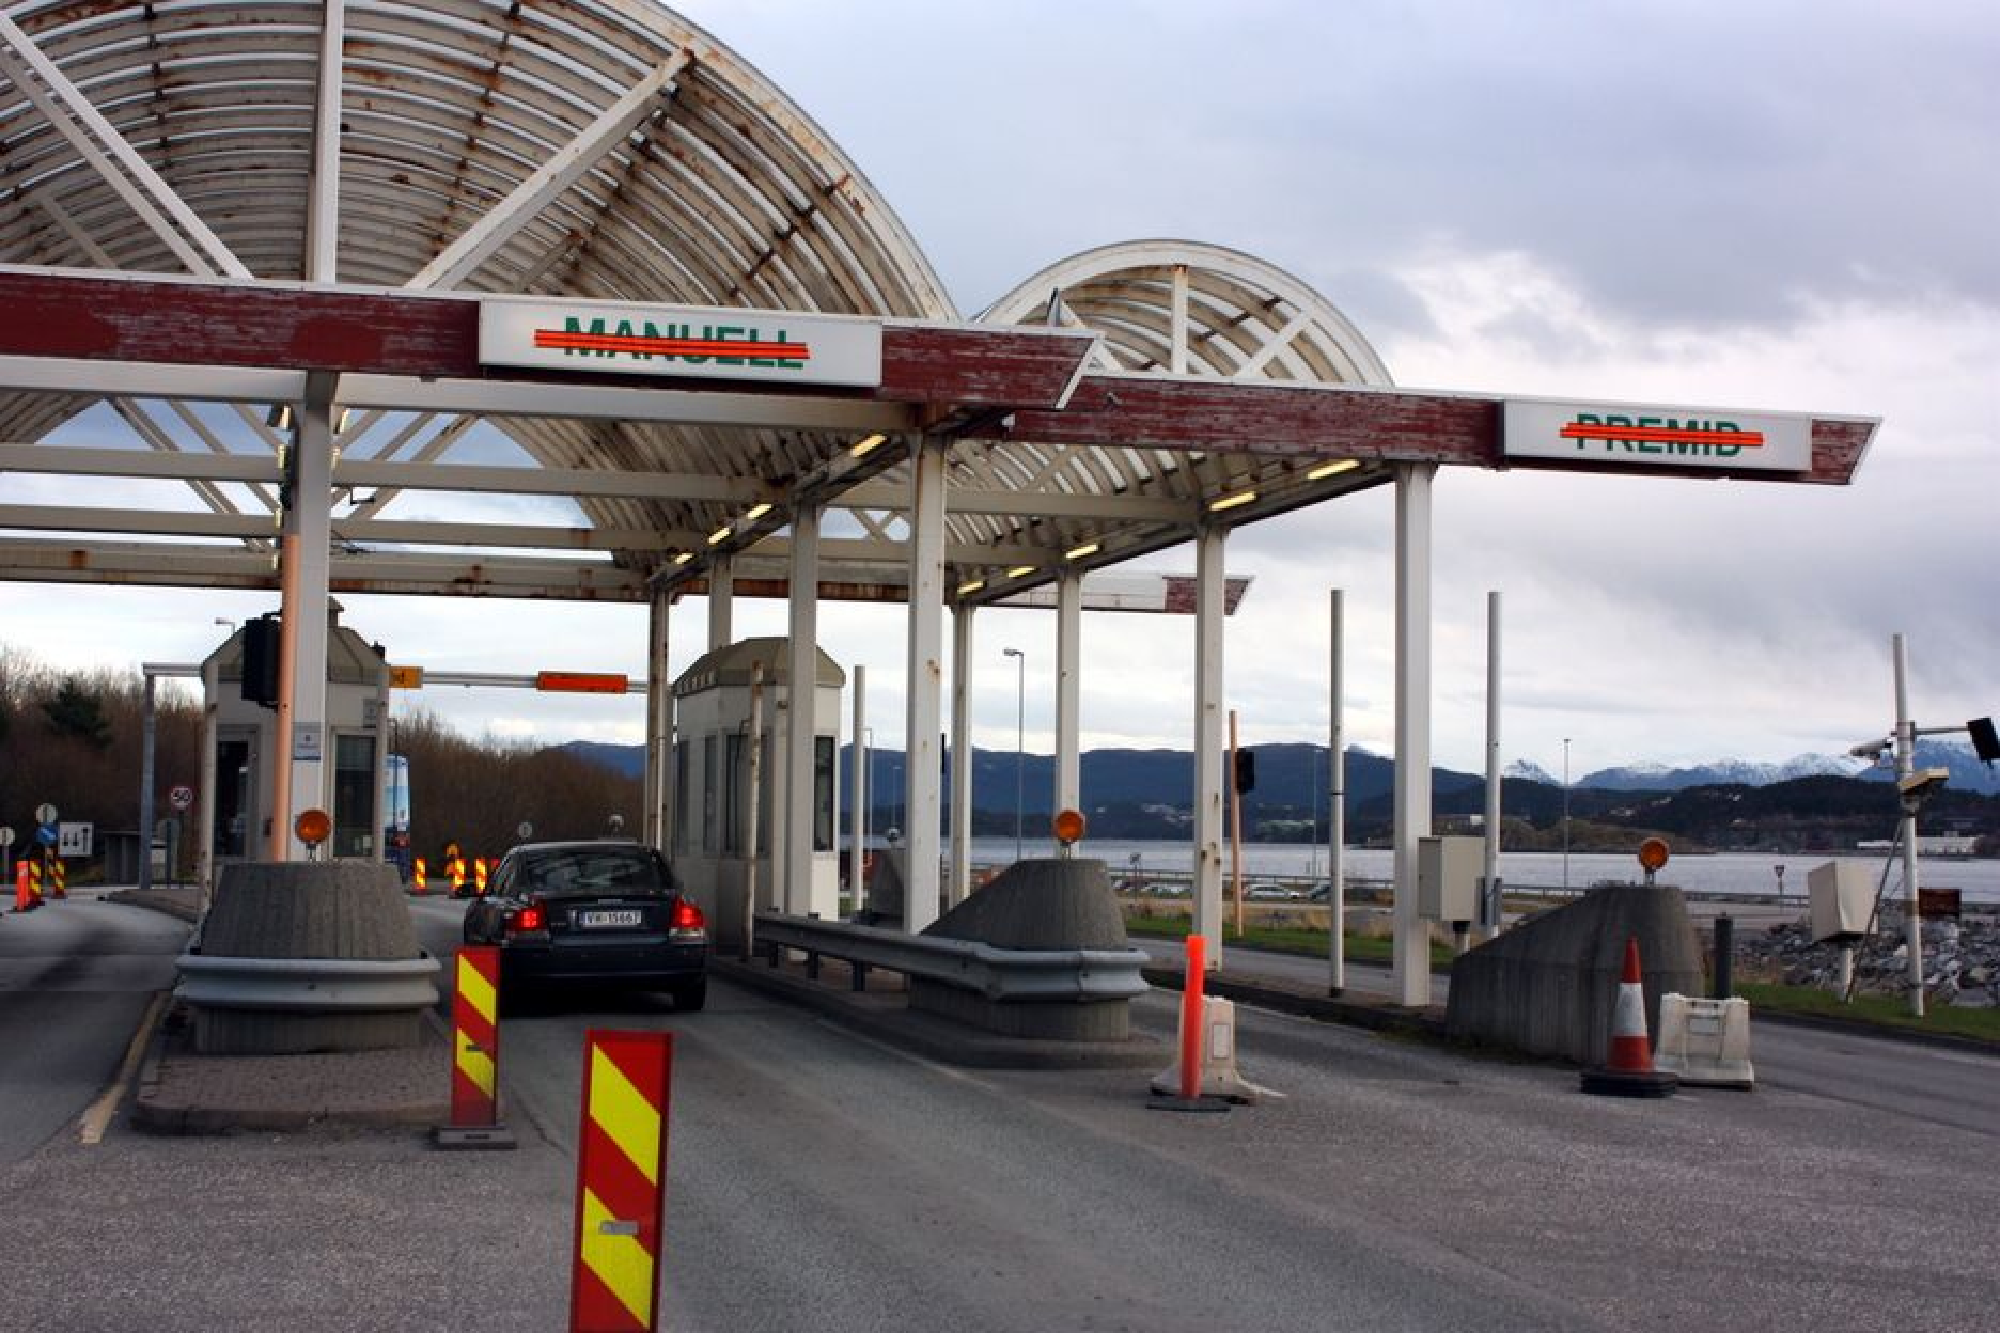 Bomstasjonen på er Kverve forlatt og klar for riving. Men bare noe under halvparten av kostnadene med Ålesundstunnelene ble betalt gjennom bompenger...